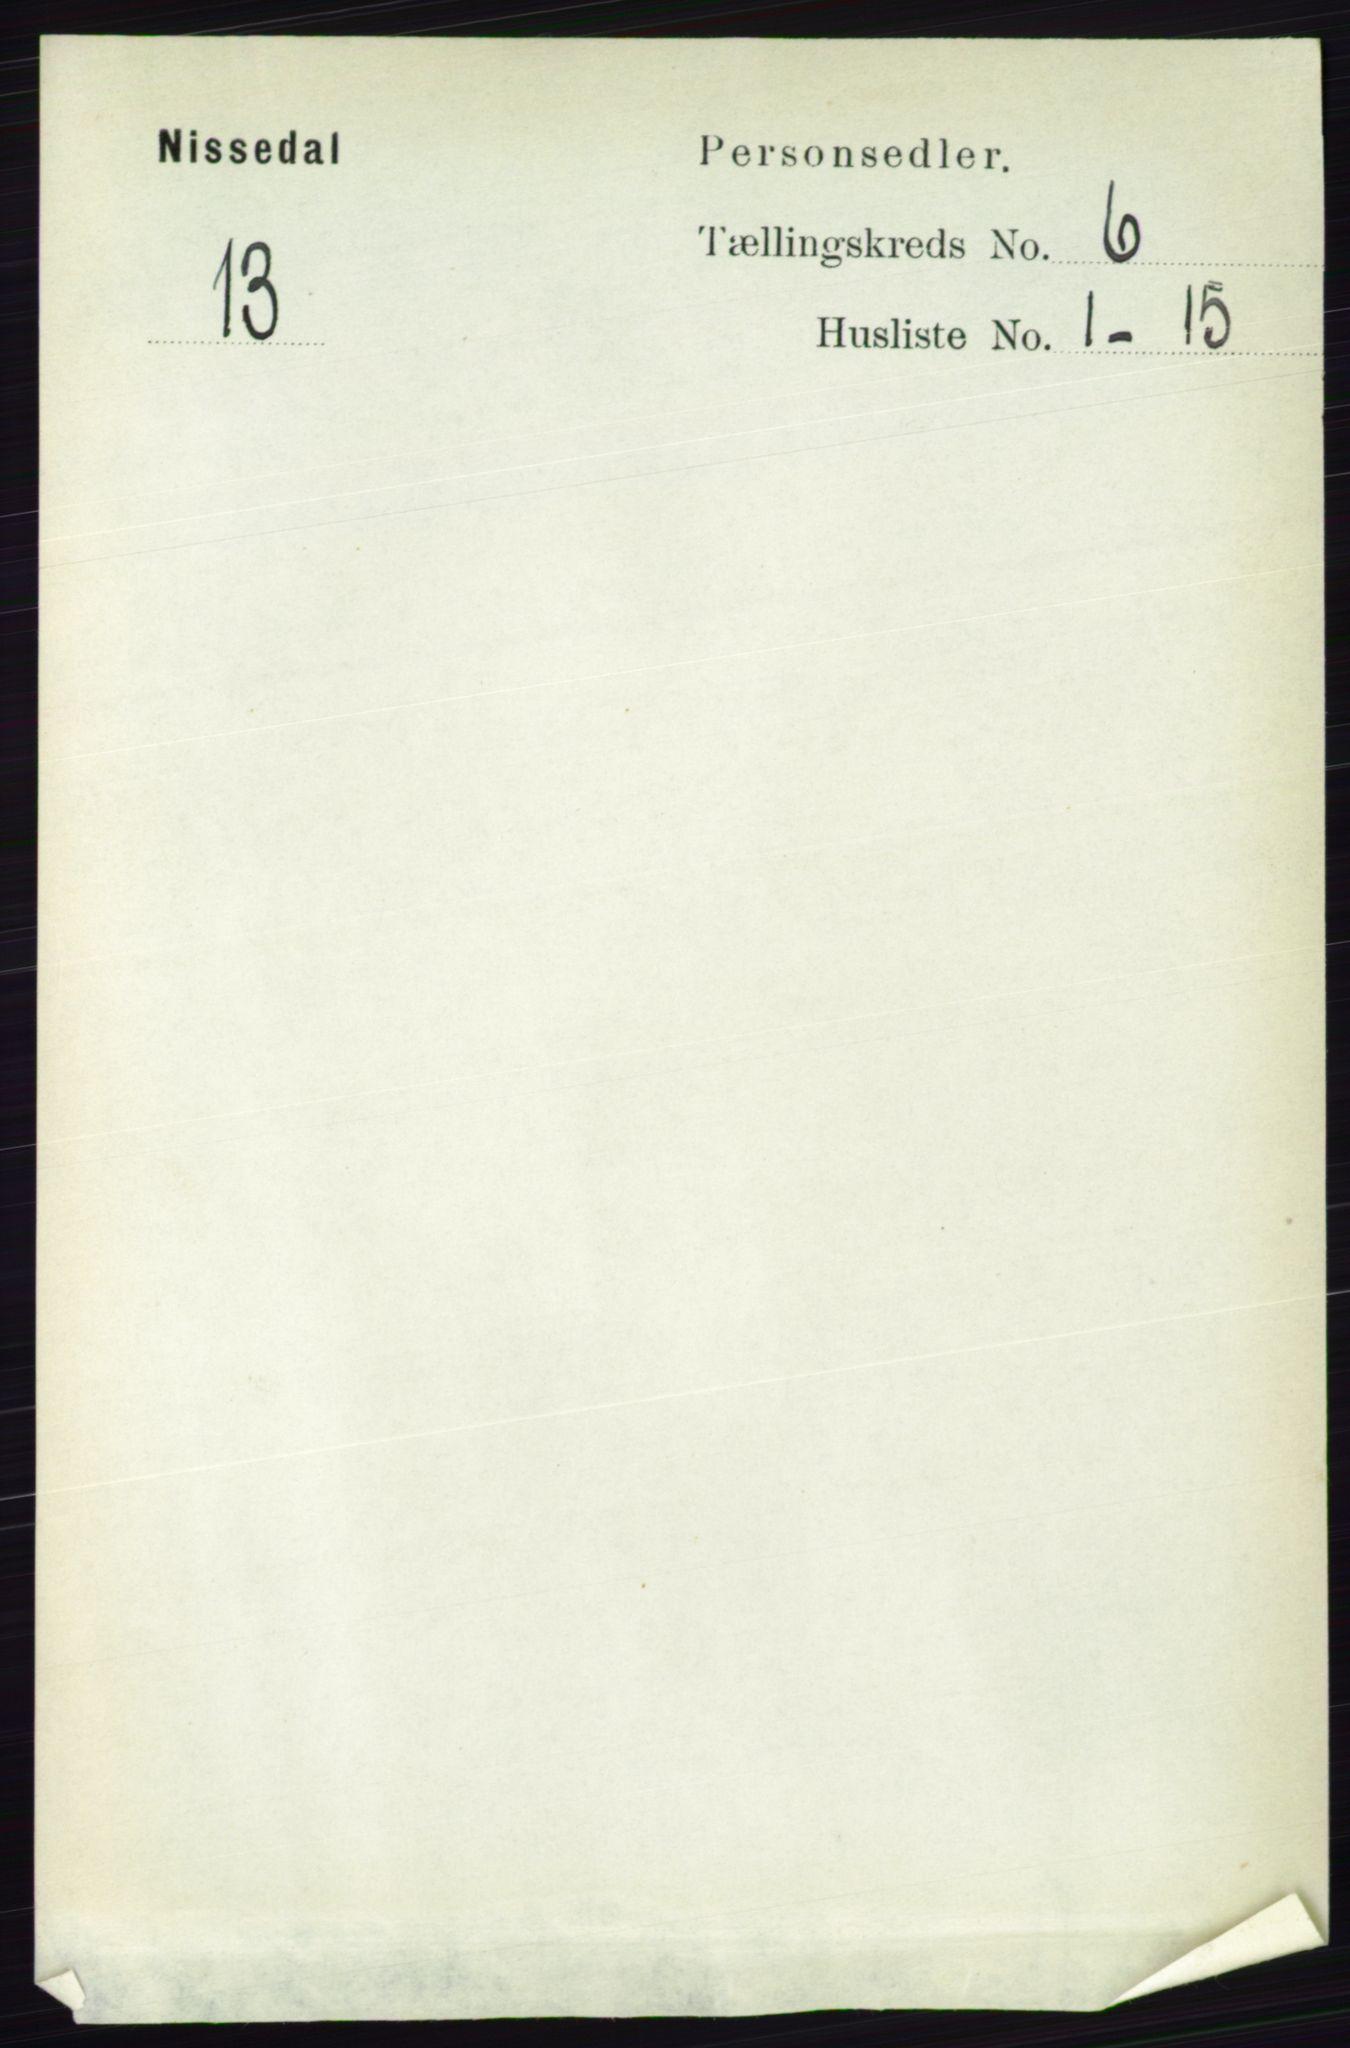 RA, Folketelling 1891 for 0830 Nissedal herred, 1891, s. 1331